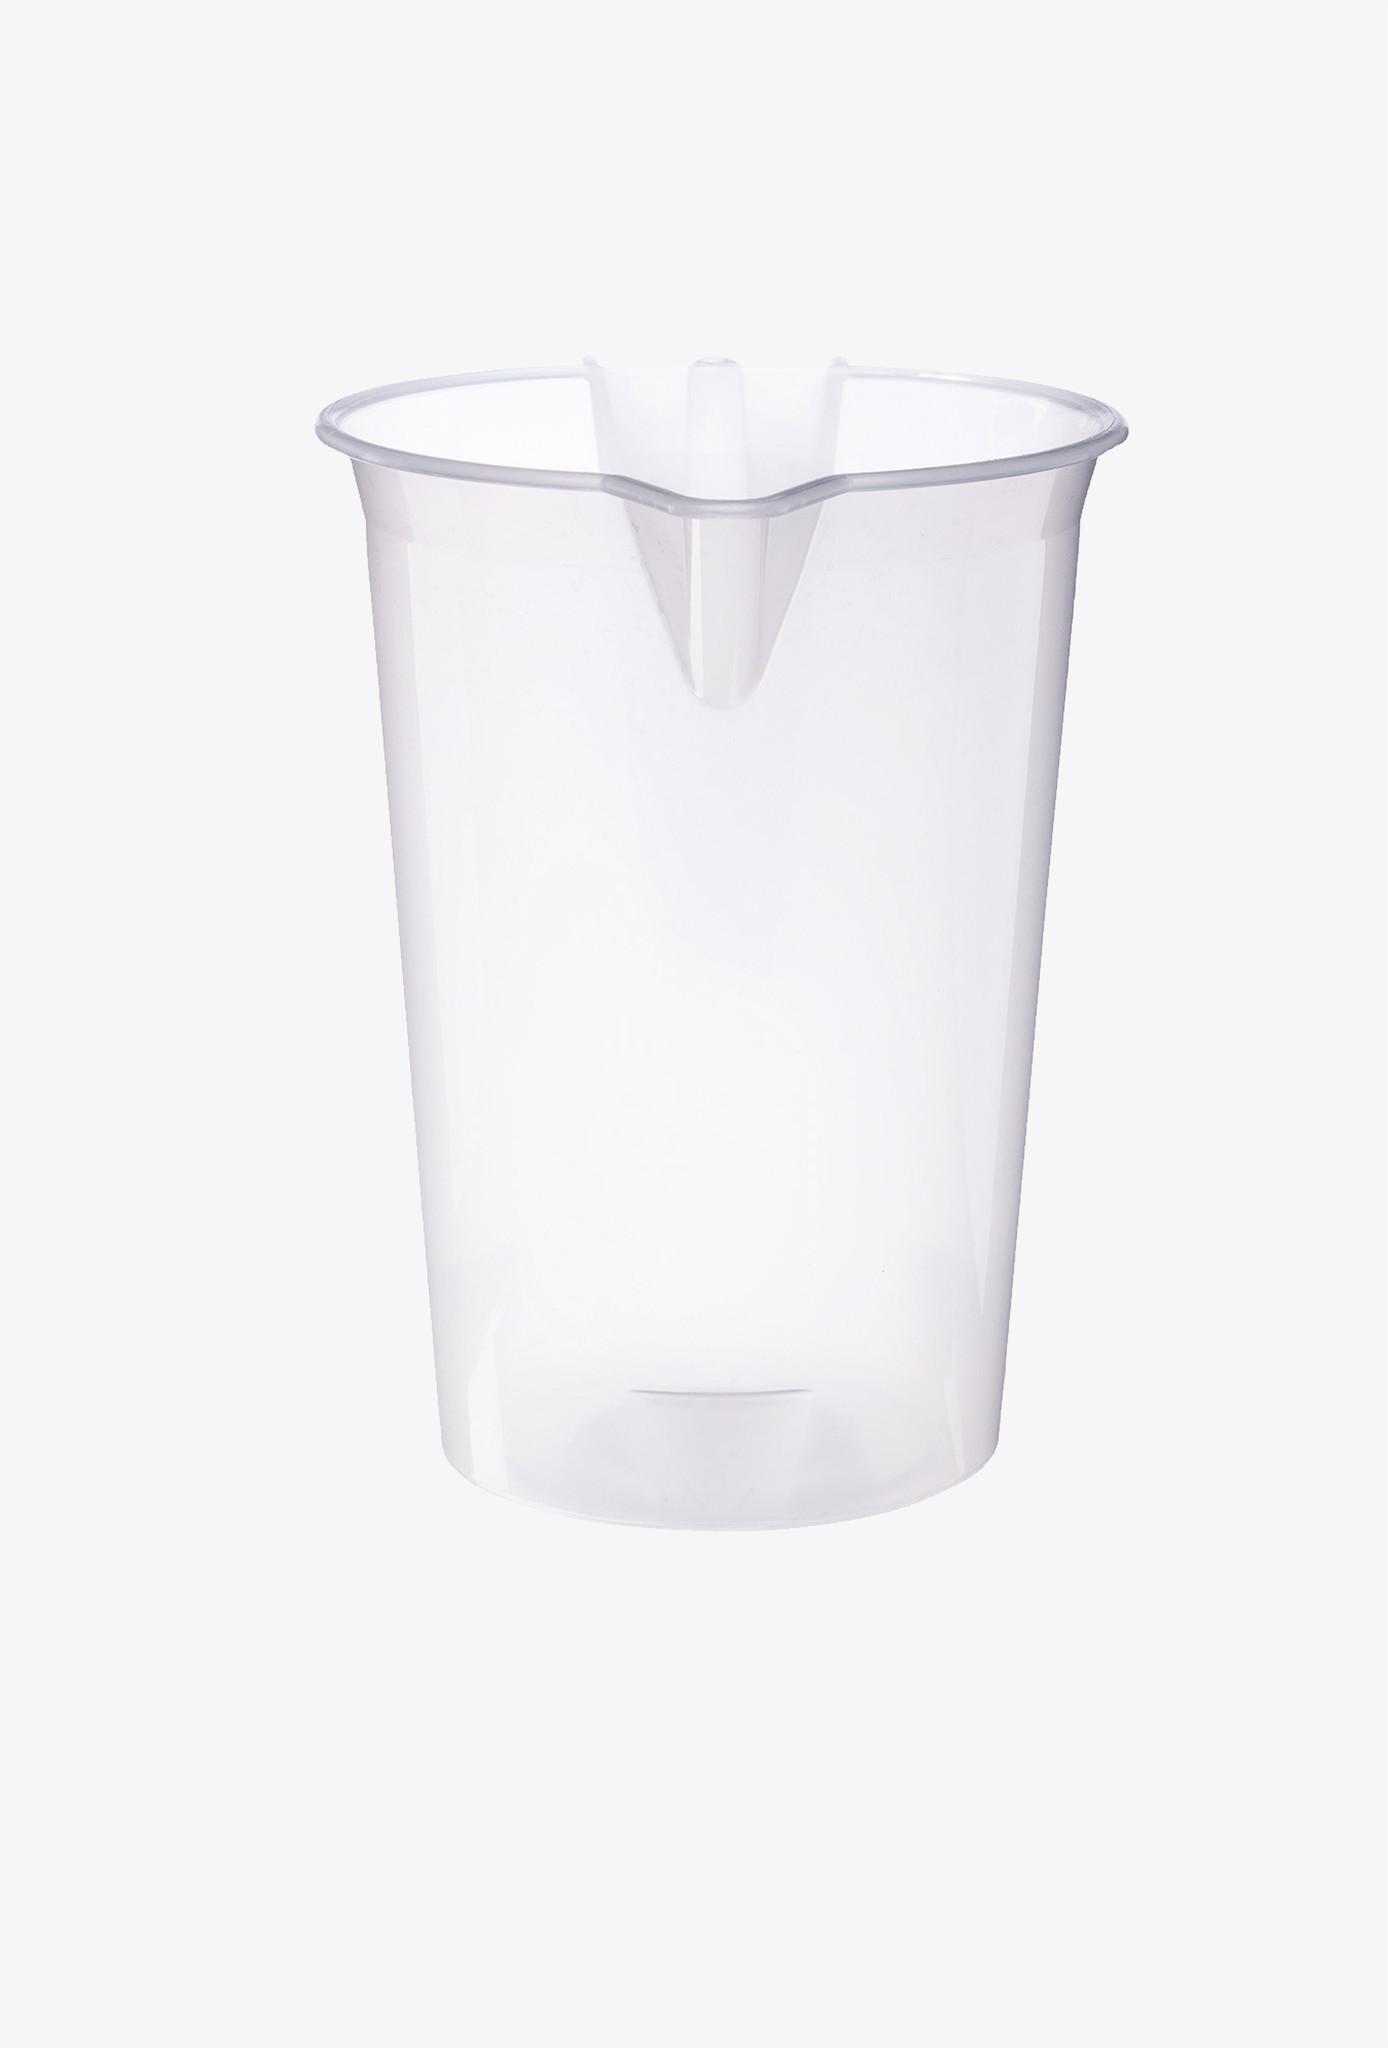 Pichet réutilisable format 1.5L (50oz) 85/boite